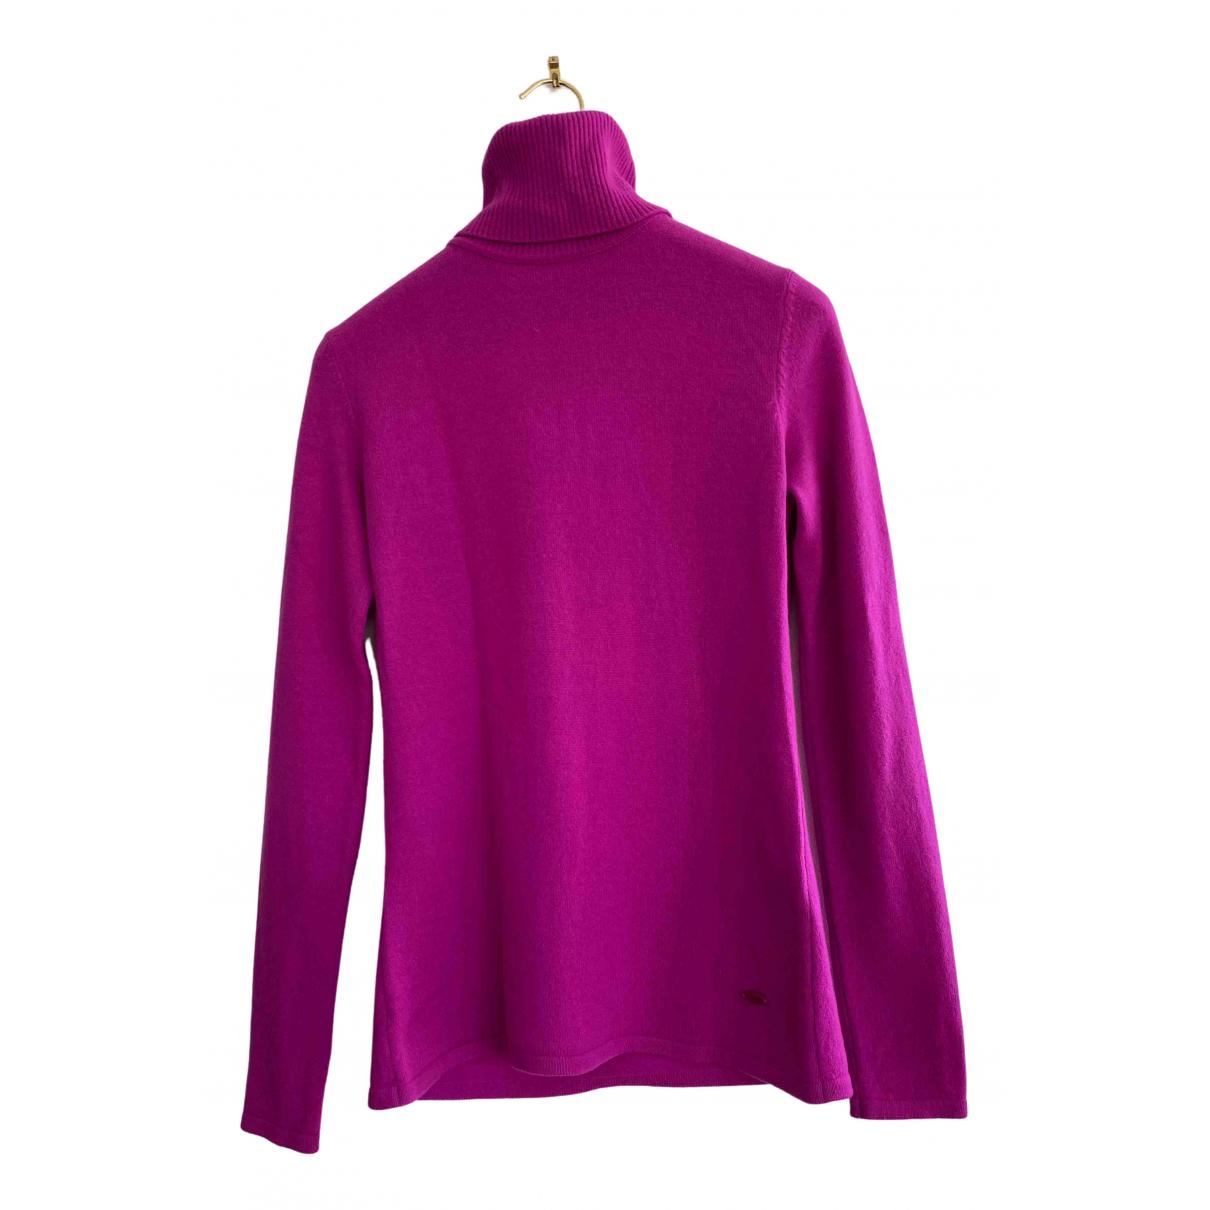 Emilio Pucci - Pull   pour femme en laine - rose